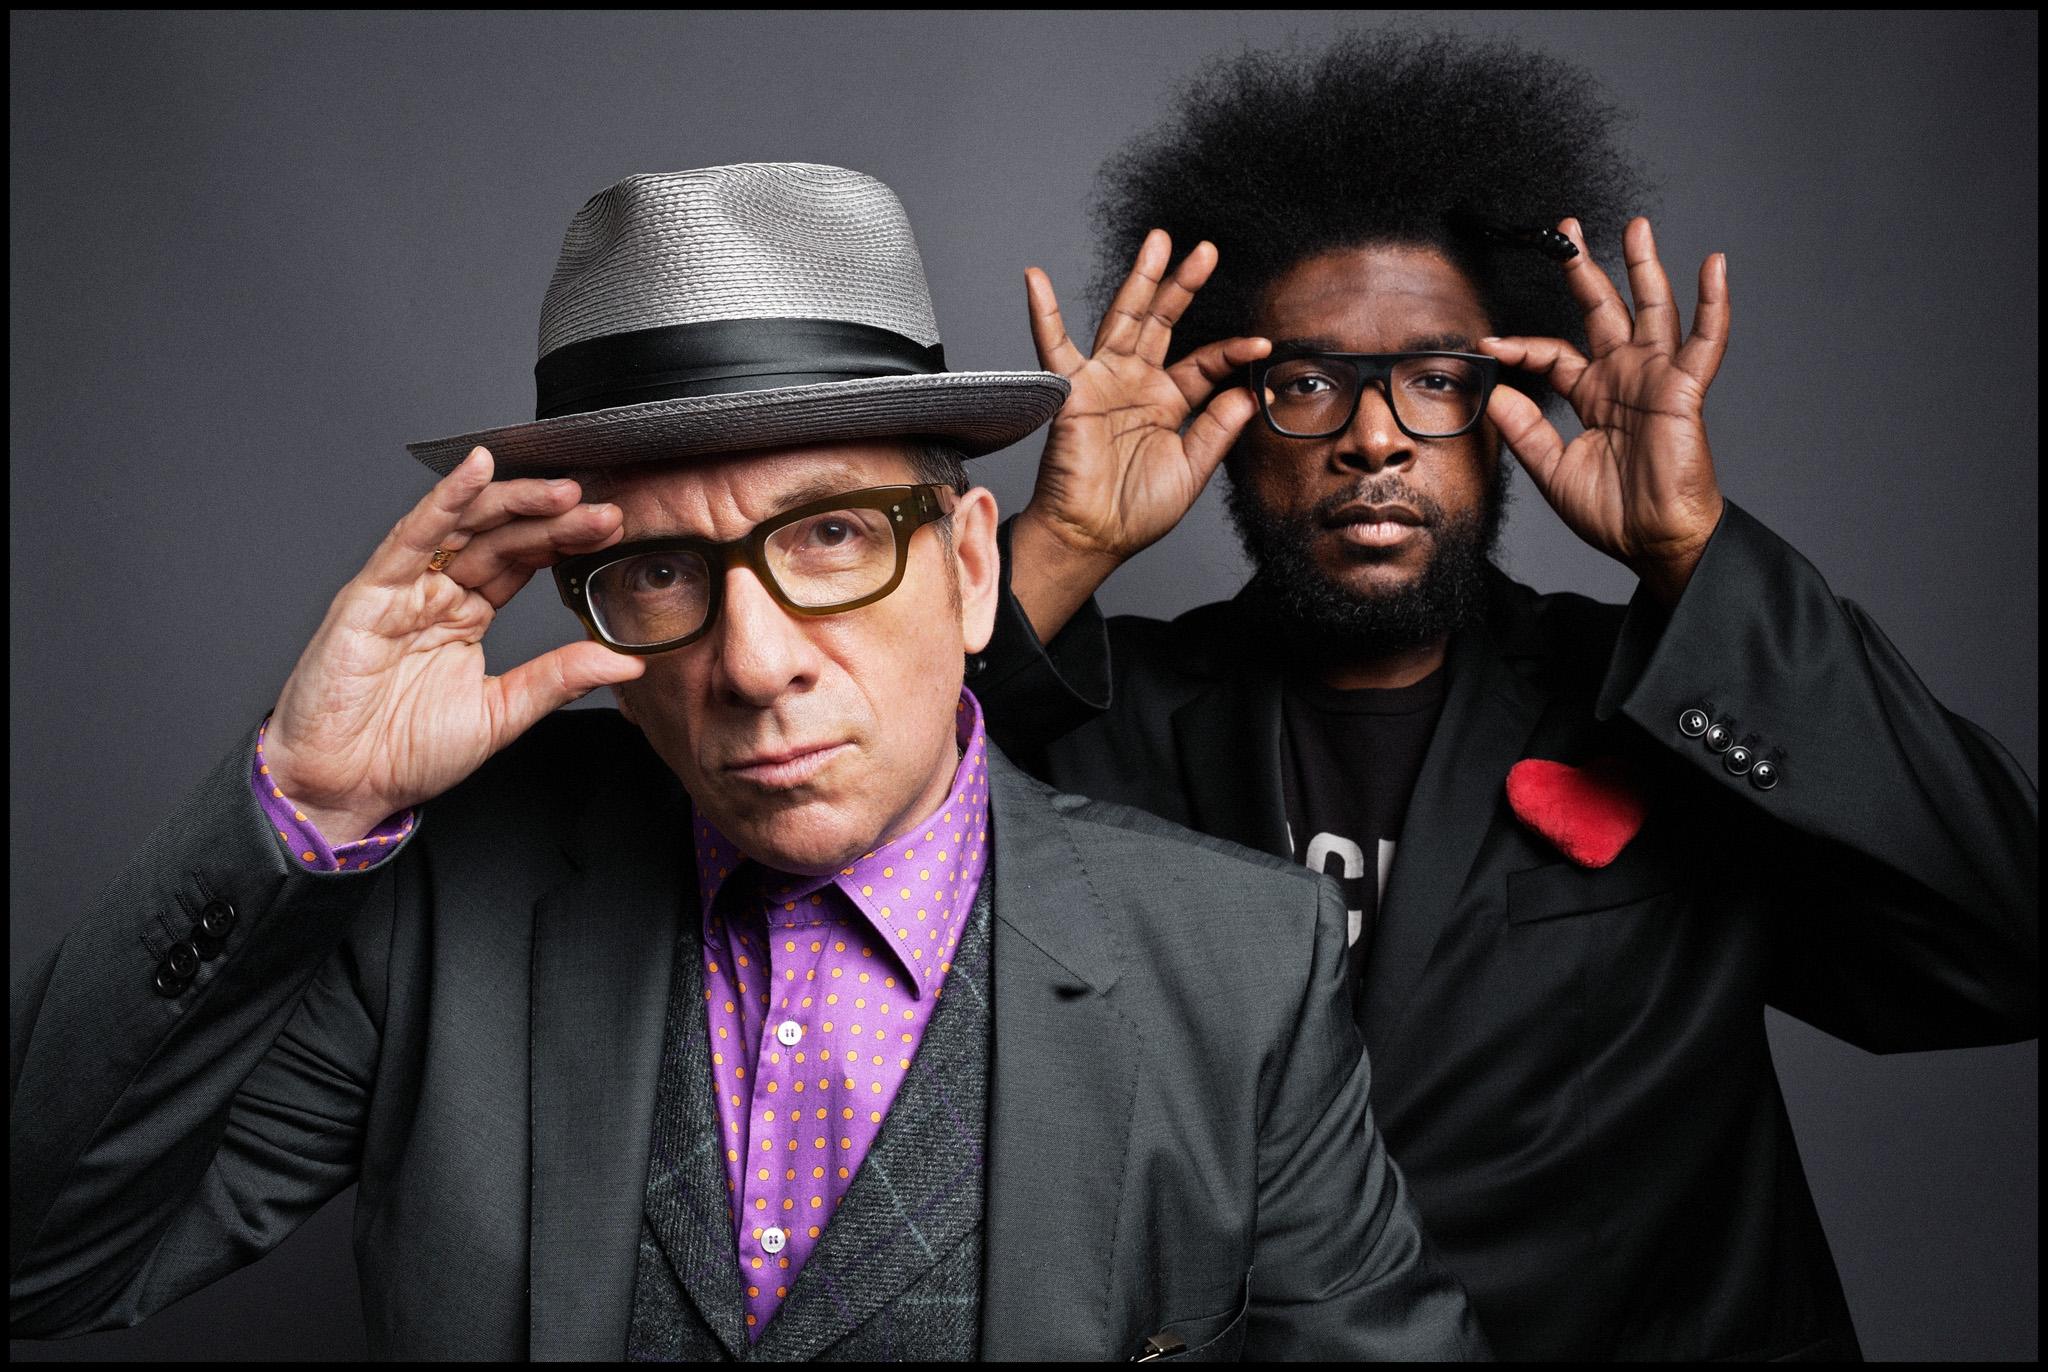 Elvis Costello_Questlove_Danny Clinch Photographer_Rebecca PIetri Stylist _Questlove_Duo_1.jpg